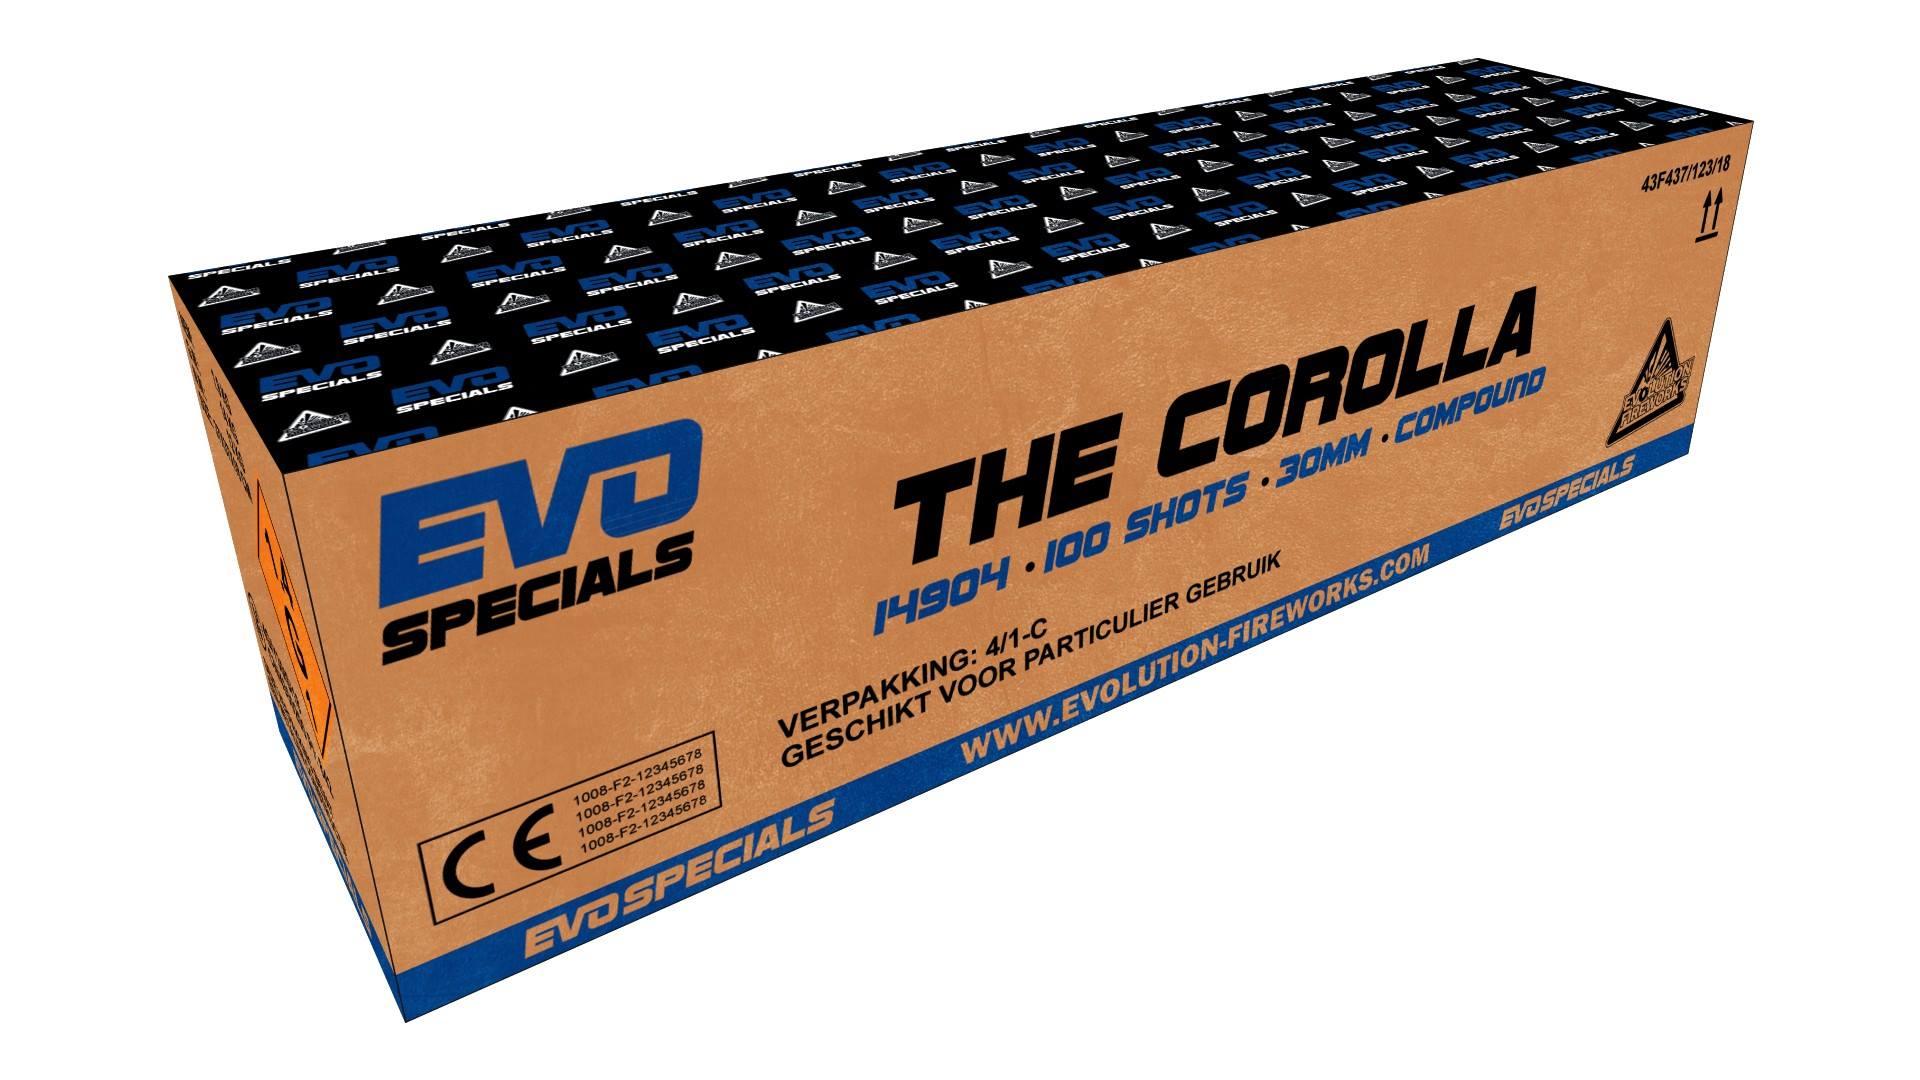 The Corolla